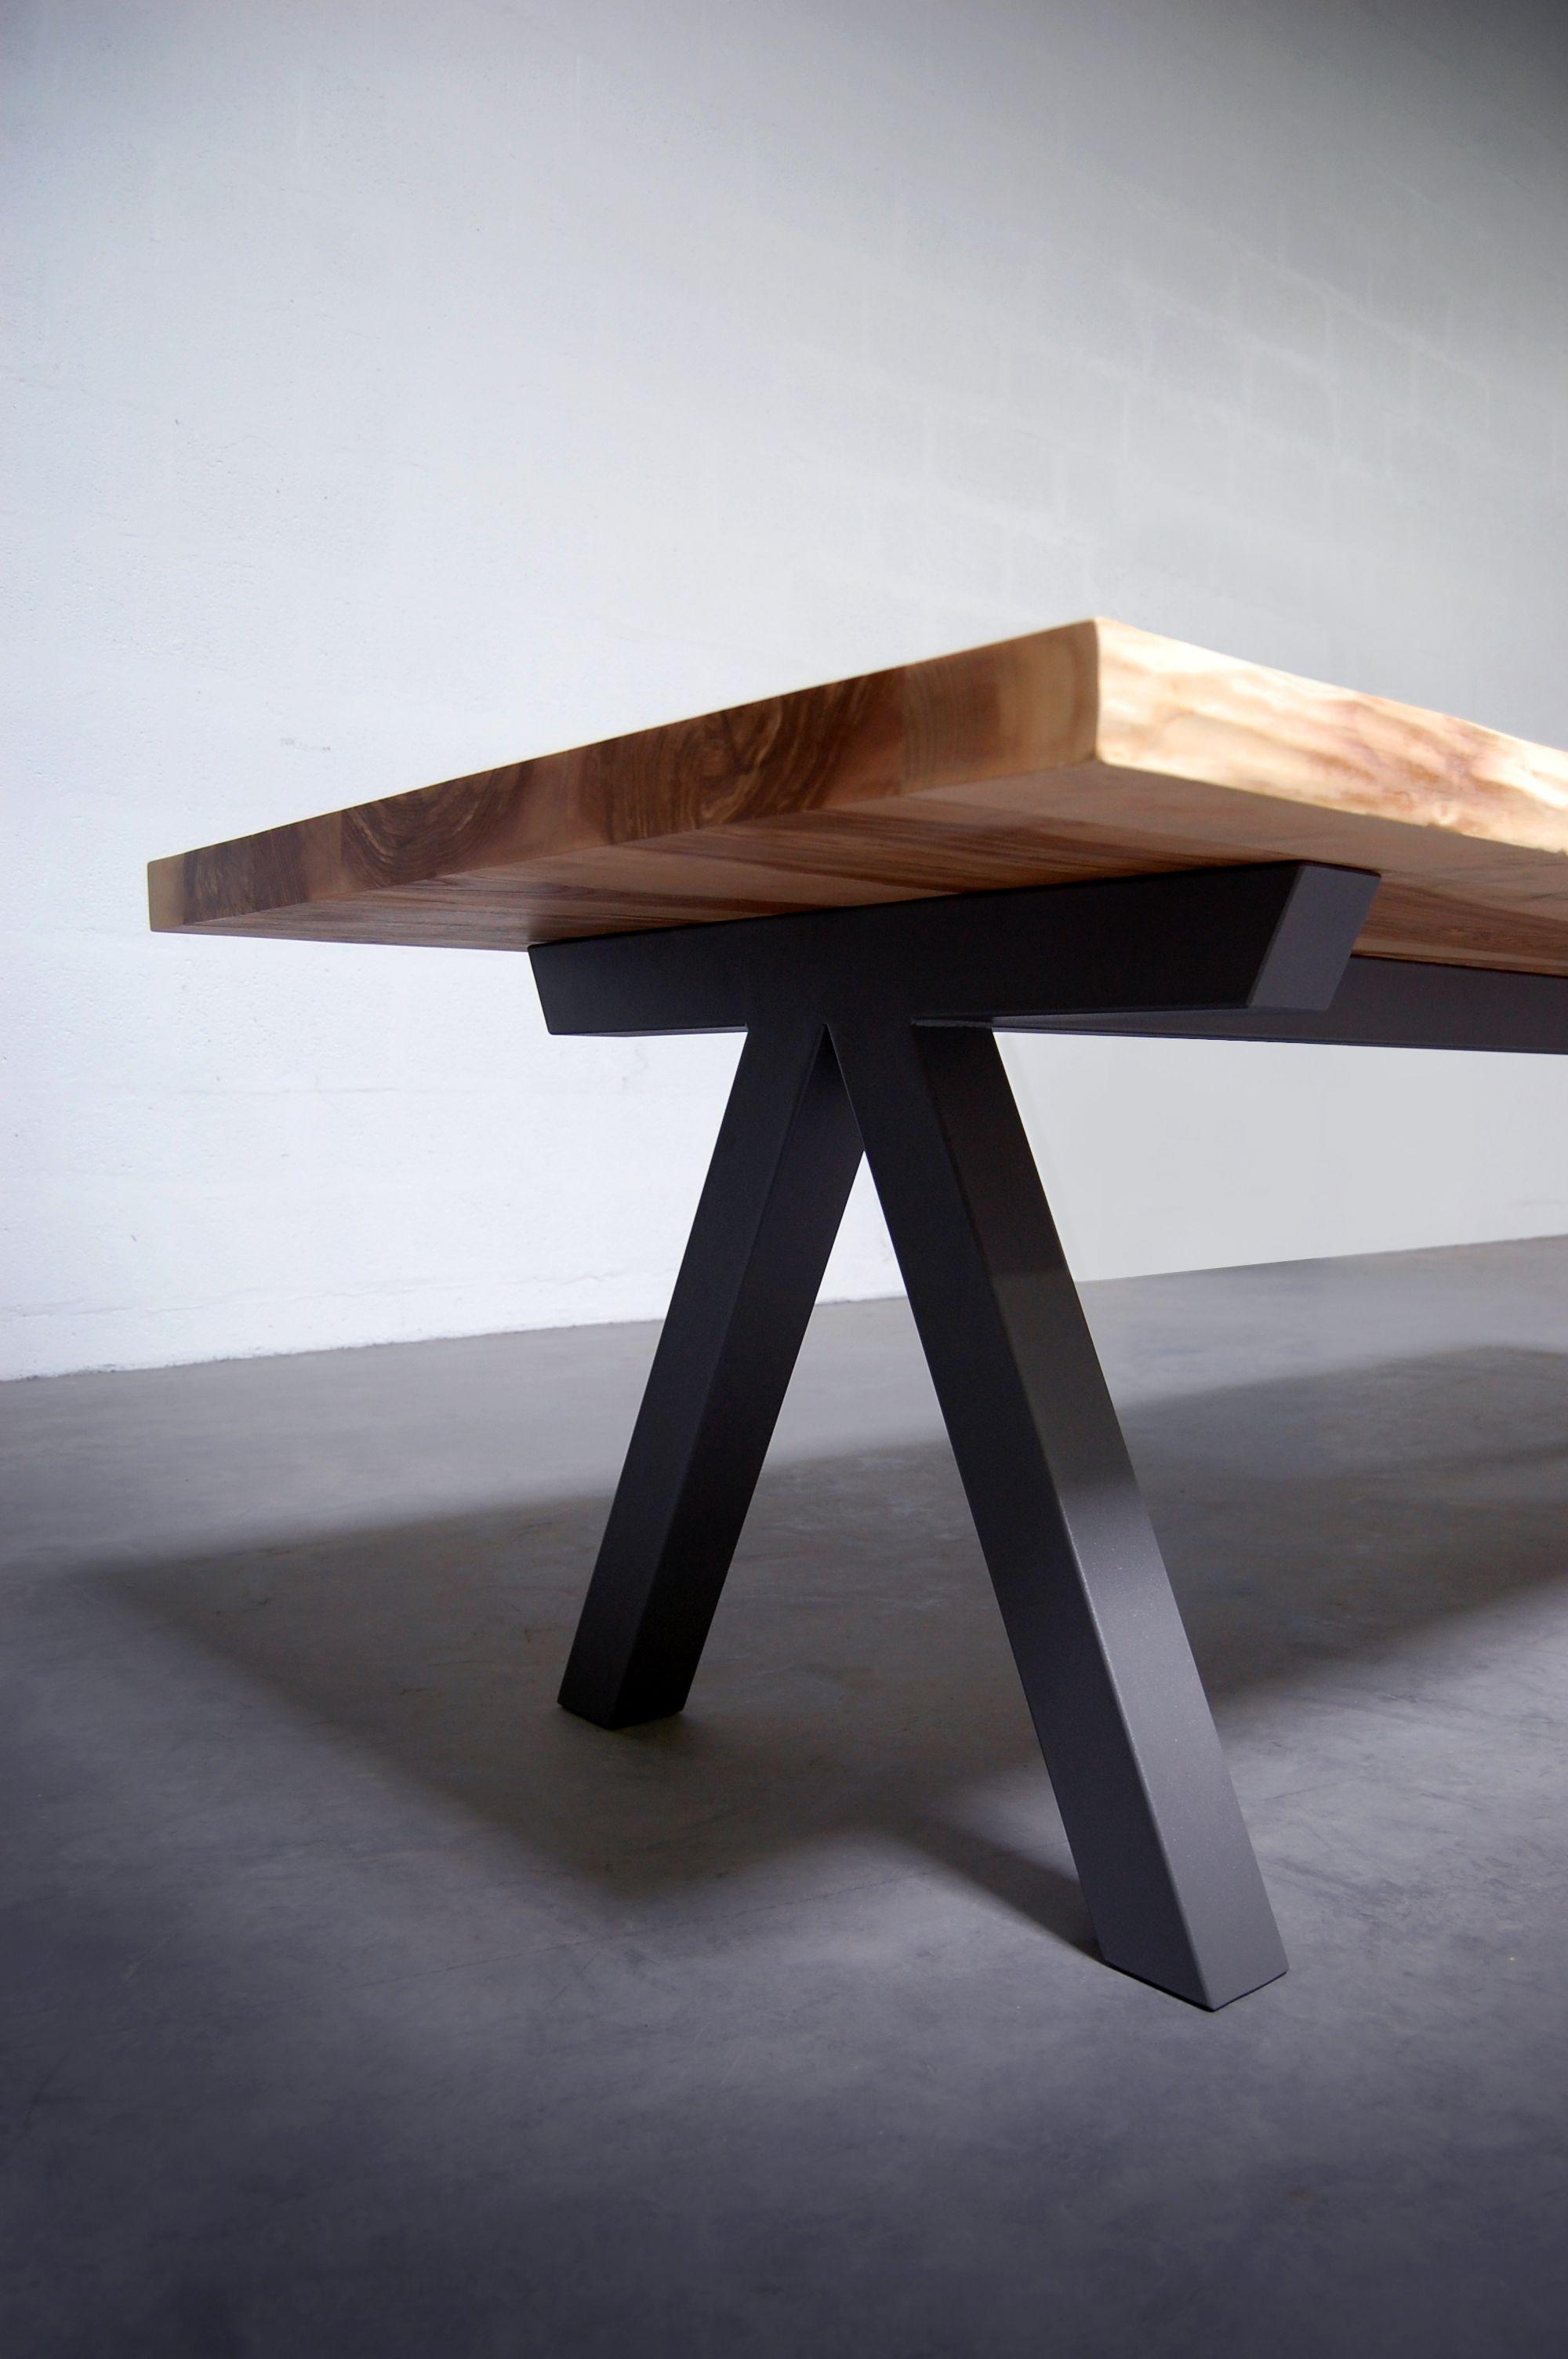 jaco boshoff aktuelle ideen pinterest tisch m bel und holztisch. Black Bedroom Furniture Sets. Home Design Ideas